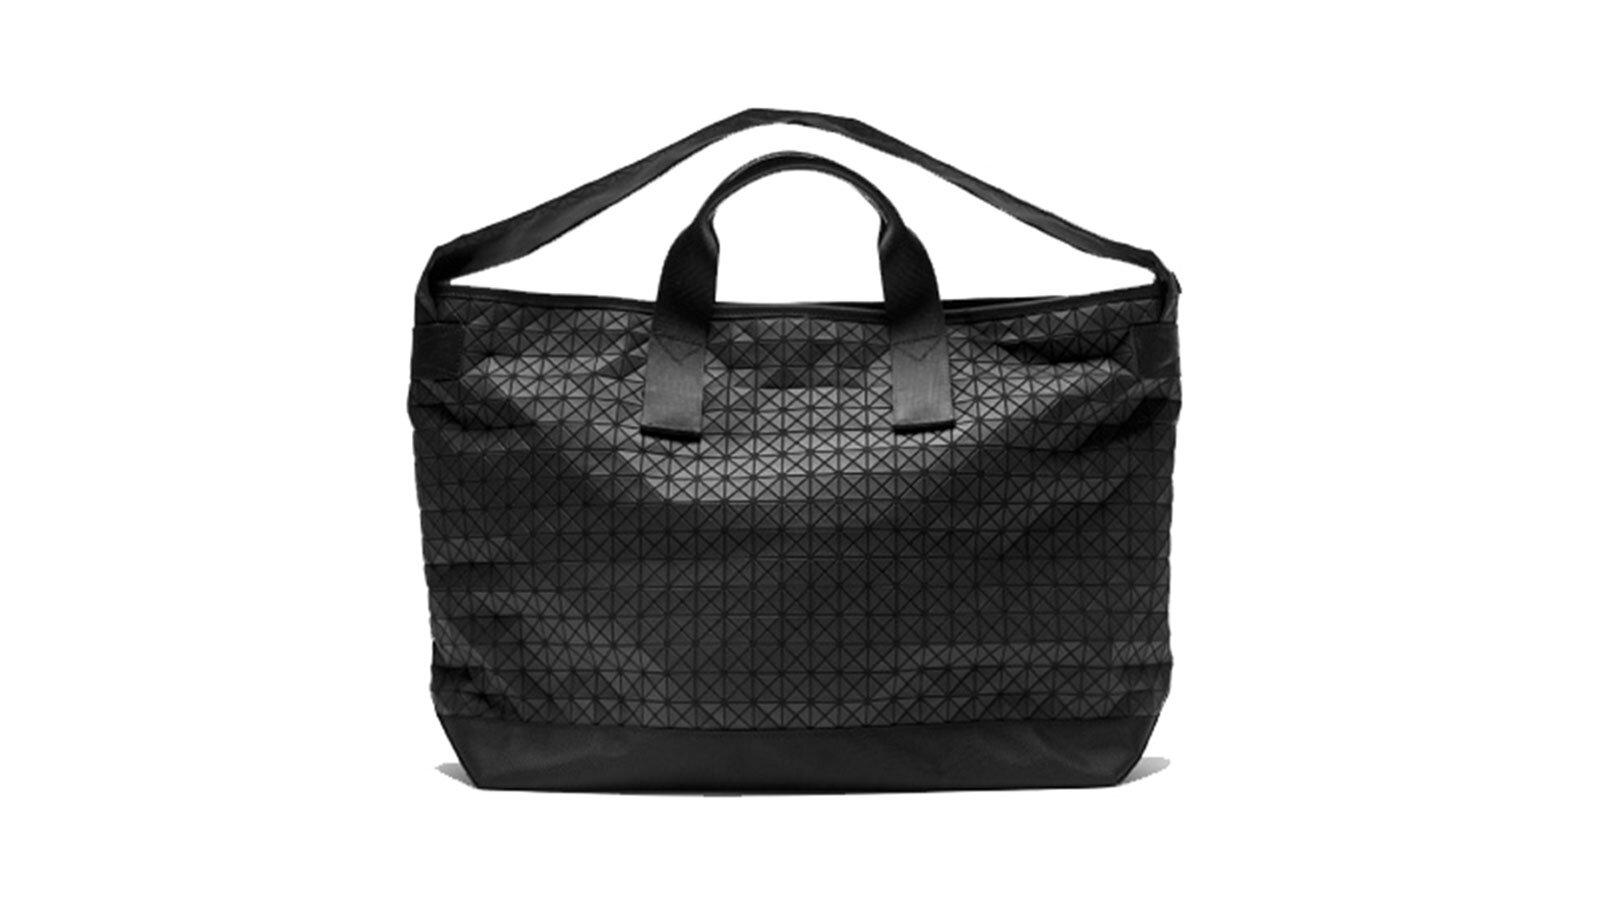 设计 - 包装 - 假日礼物 - 指南 -  issey-miyake-wapender-bag.jpg